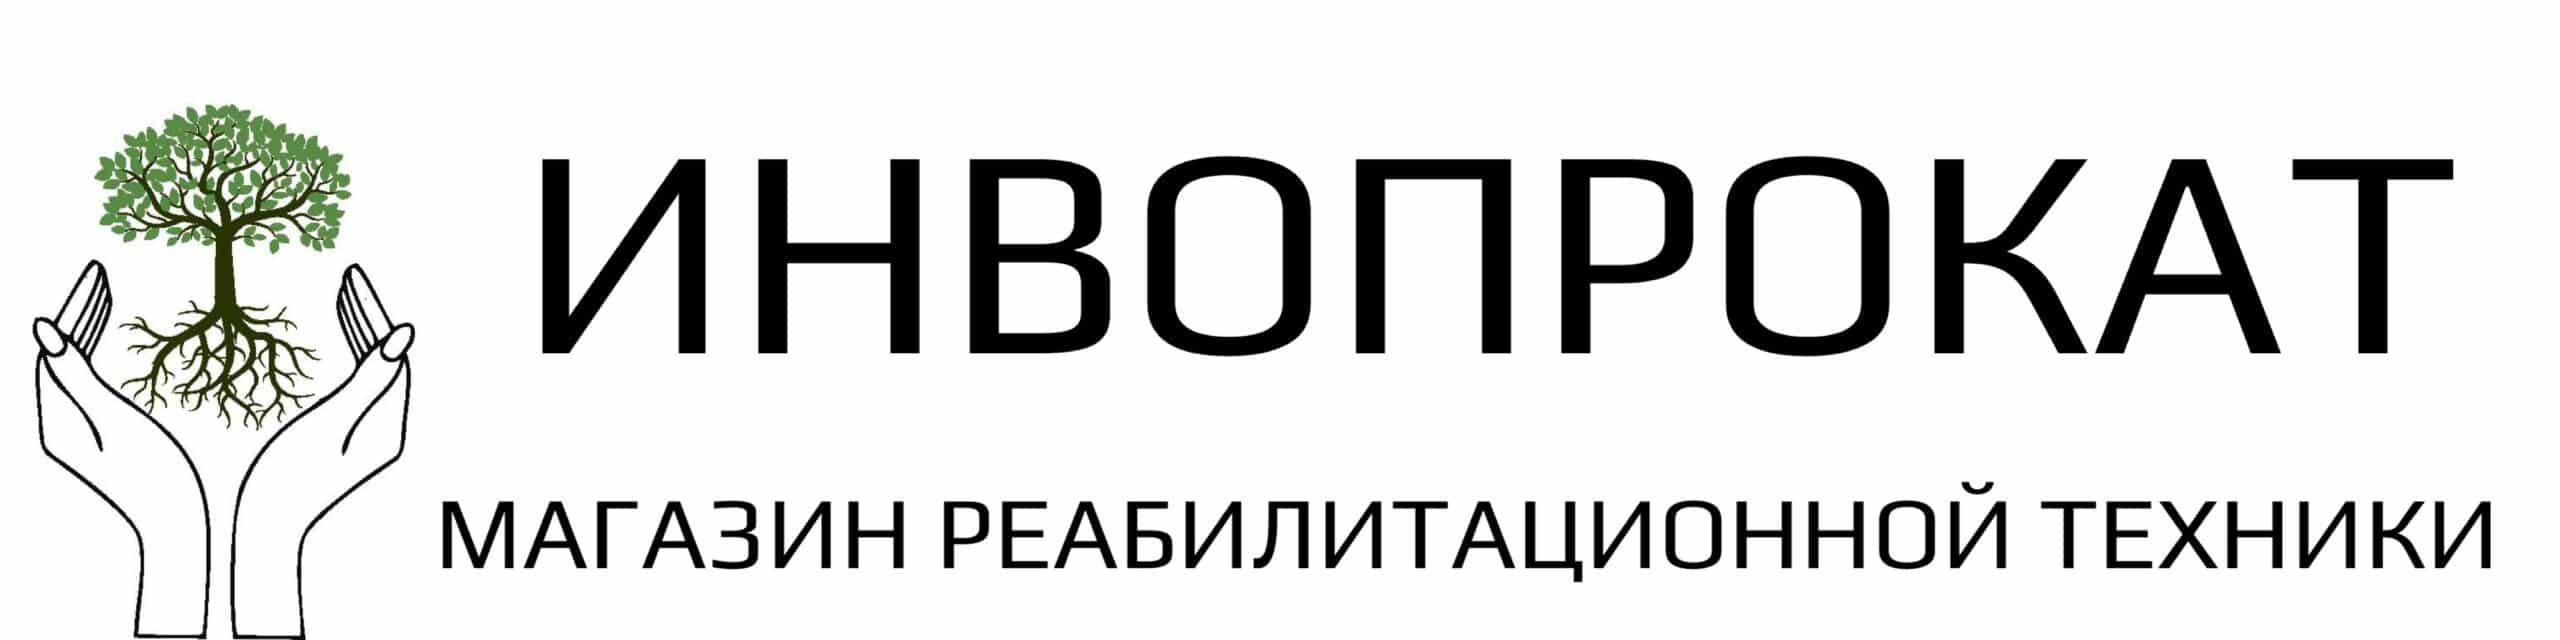 магазин реабилитационной техники